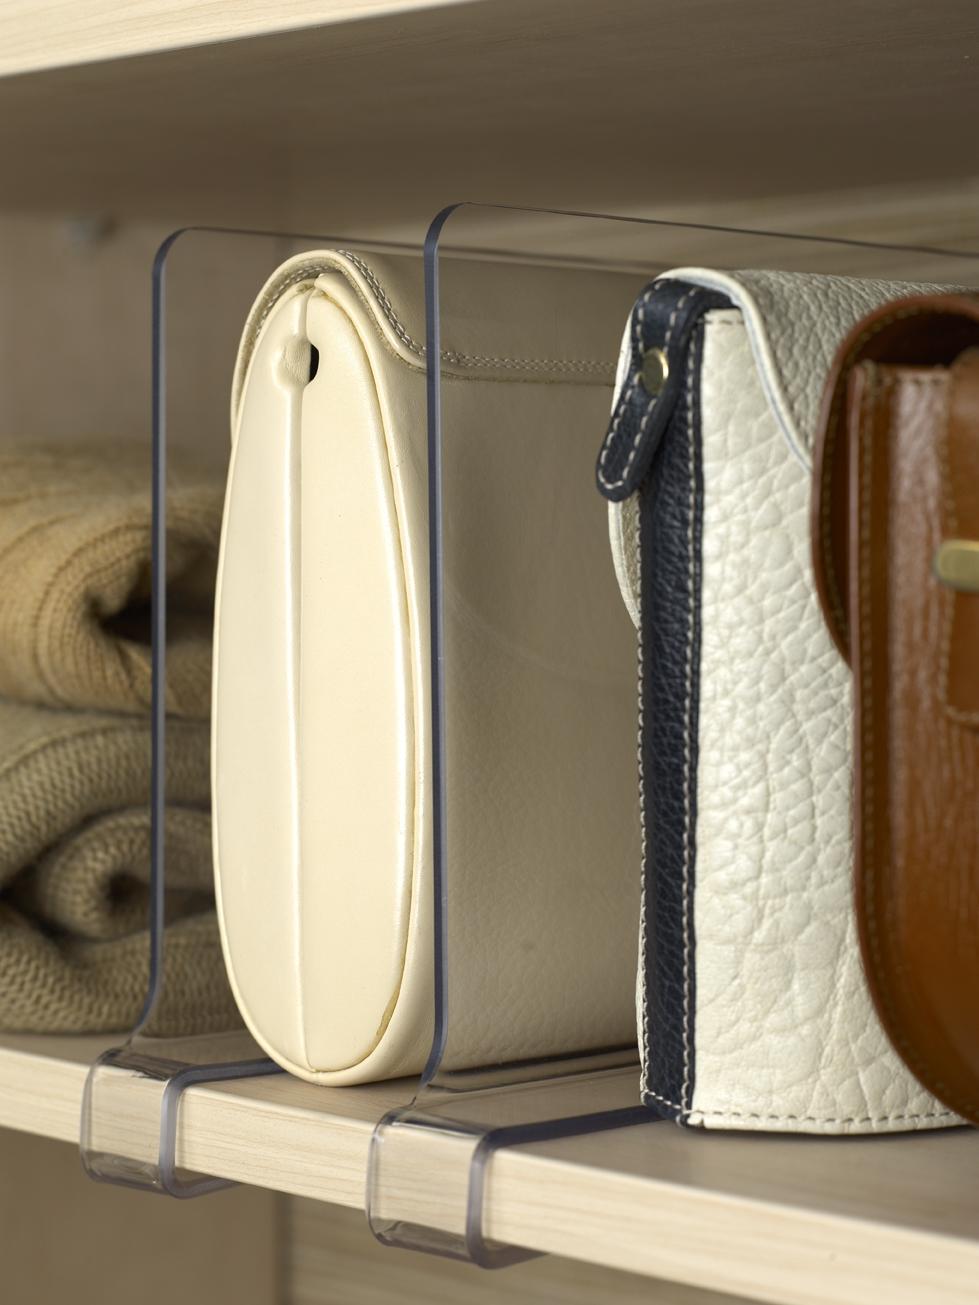 Accesorios para vestidores metrocloset - Accesorios para armarios roperos ...